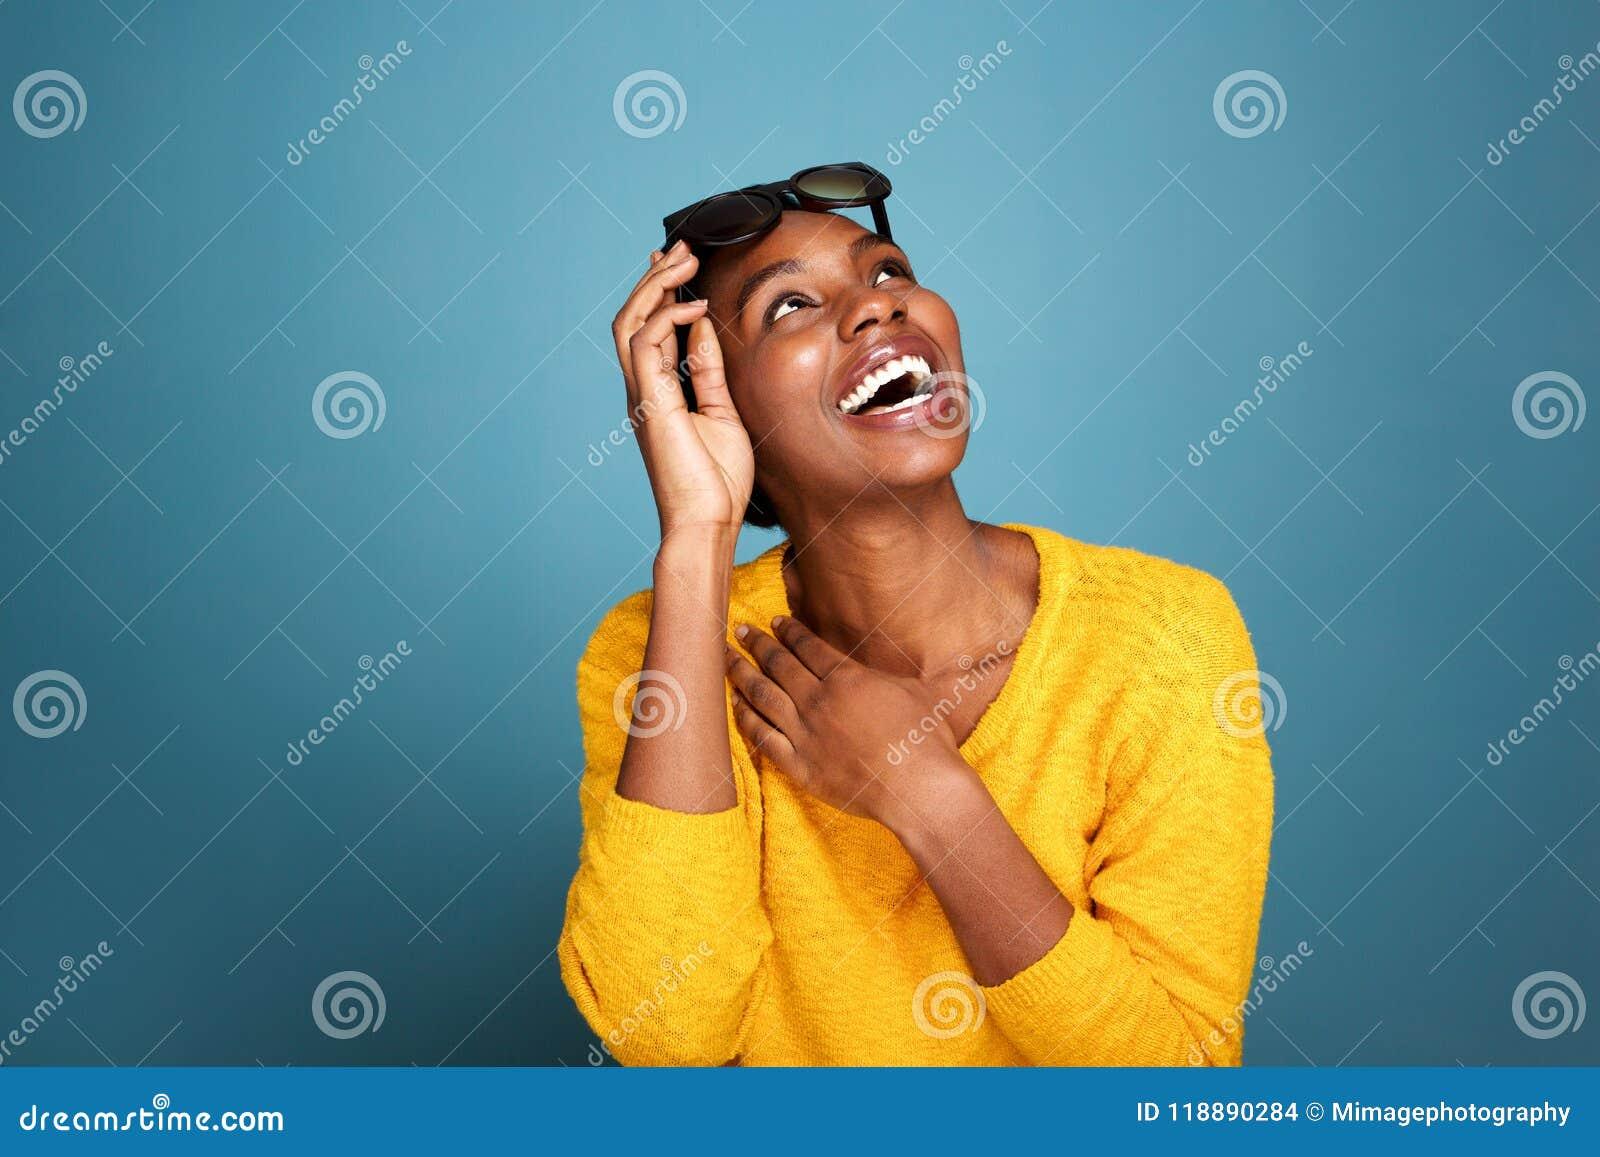 Mooi jong zwarte die in zonnebril door blauwe muur lachen